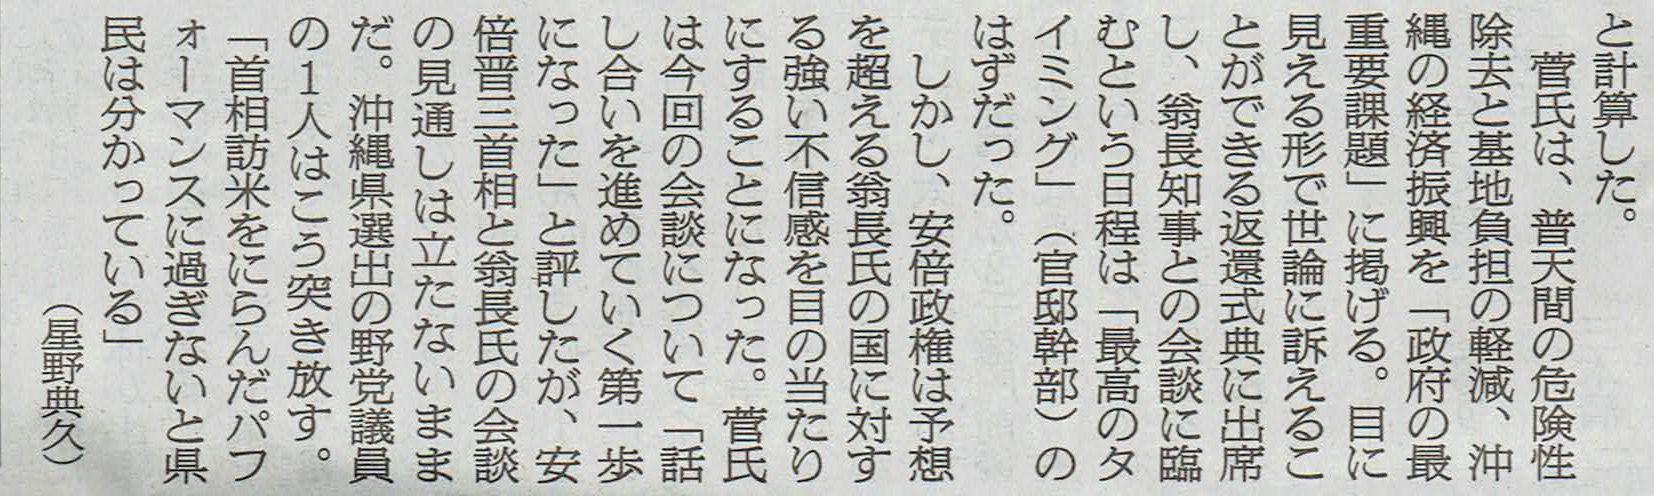 2015年4月6日 乙戸沼公園さくら その9_d0249595_761353.jpg